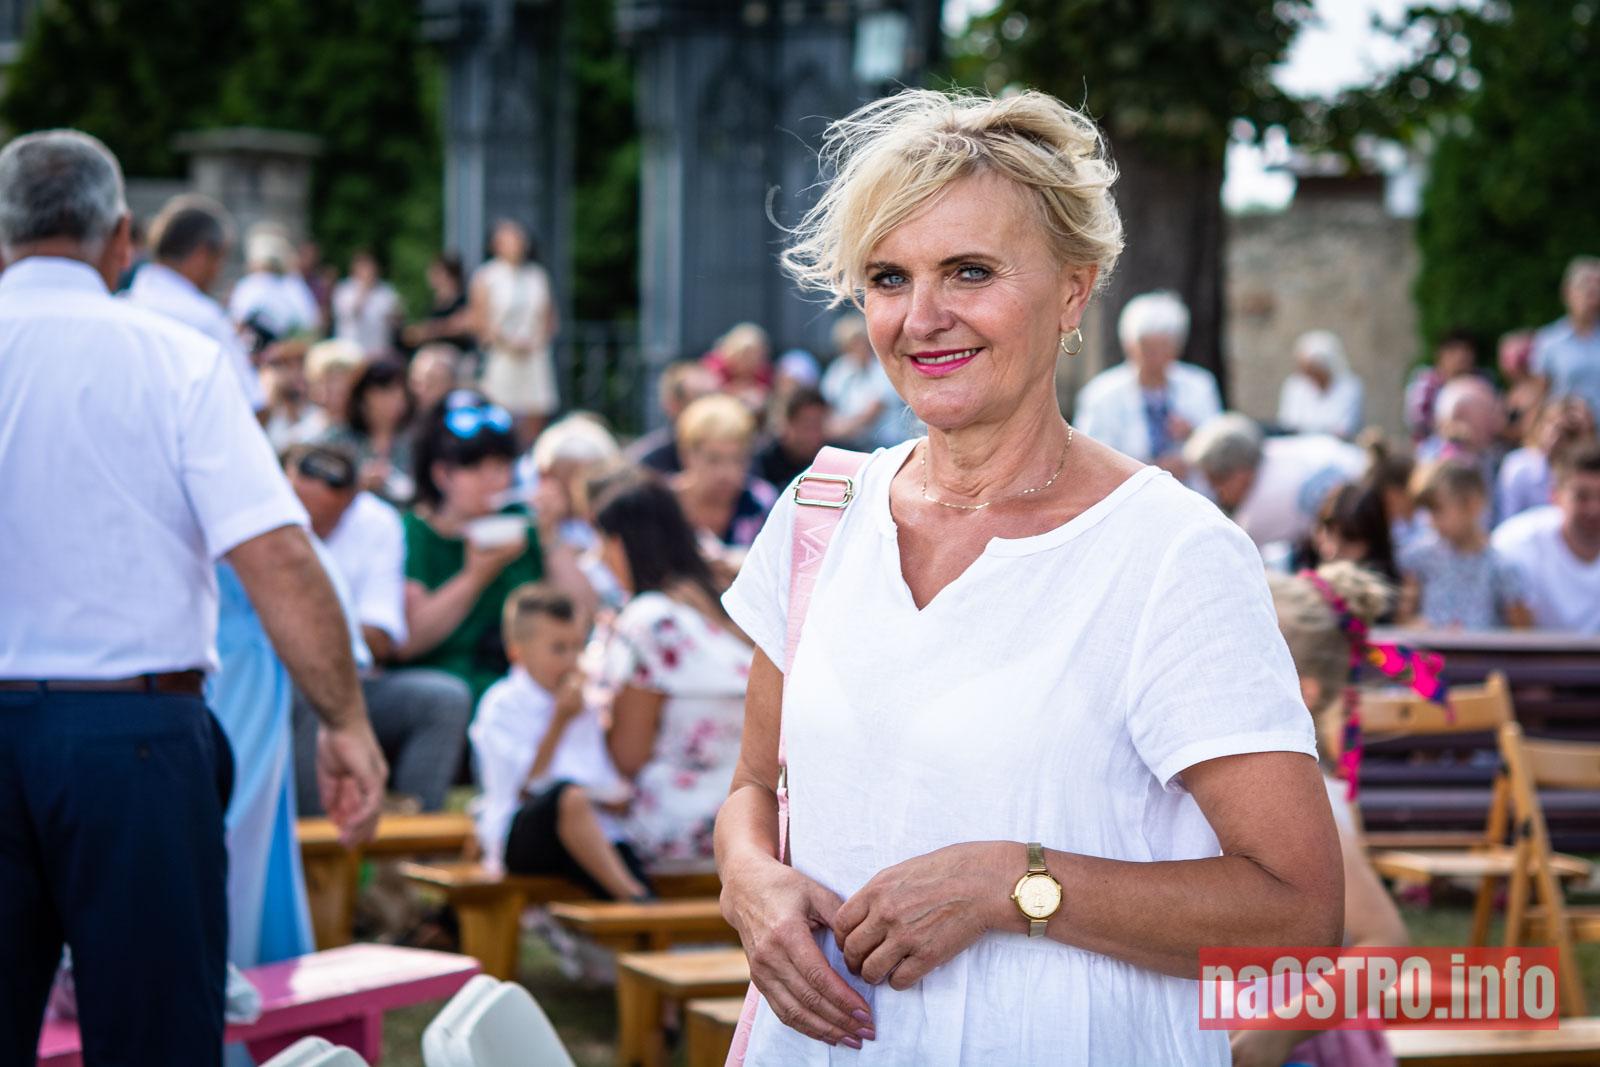 NaOSTROinfo 30 rocznica smierci ks Marcina Popiela-63